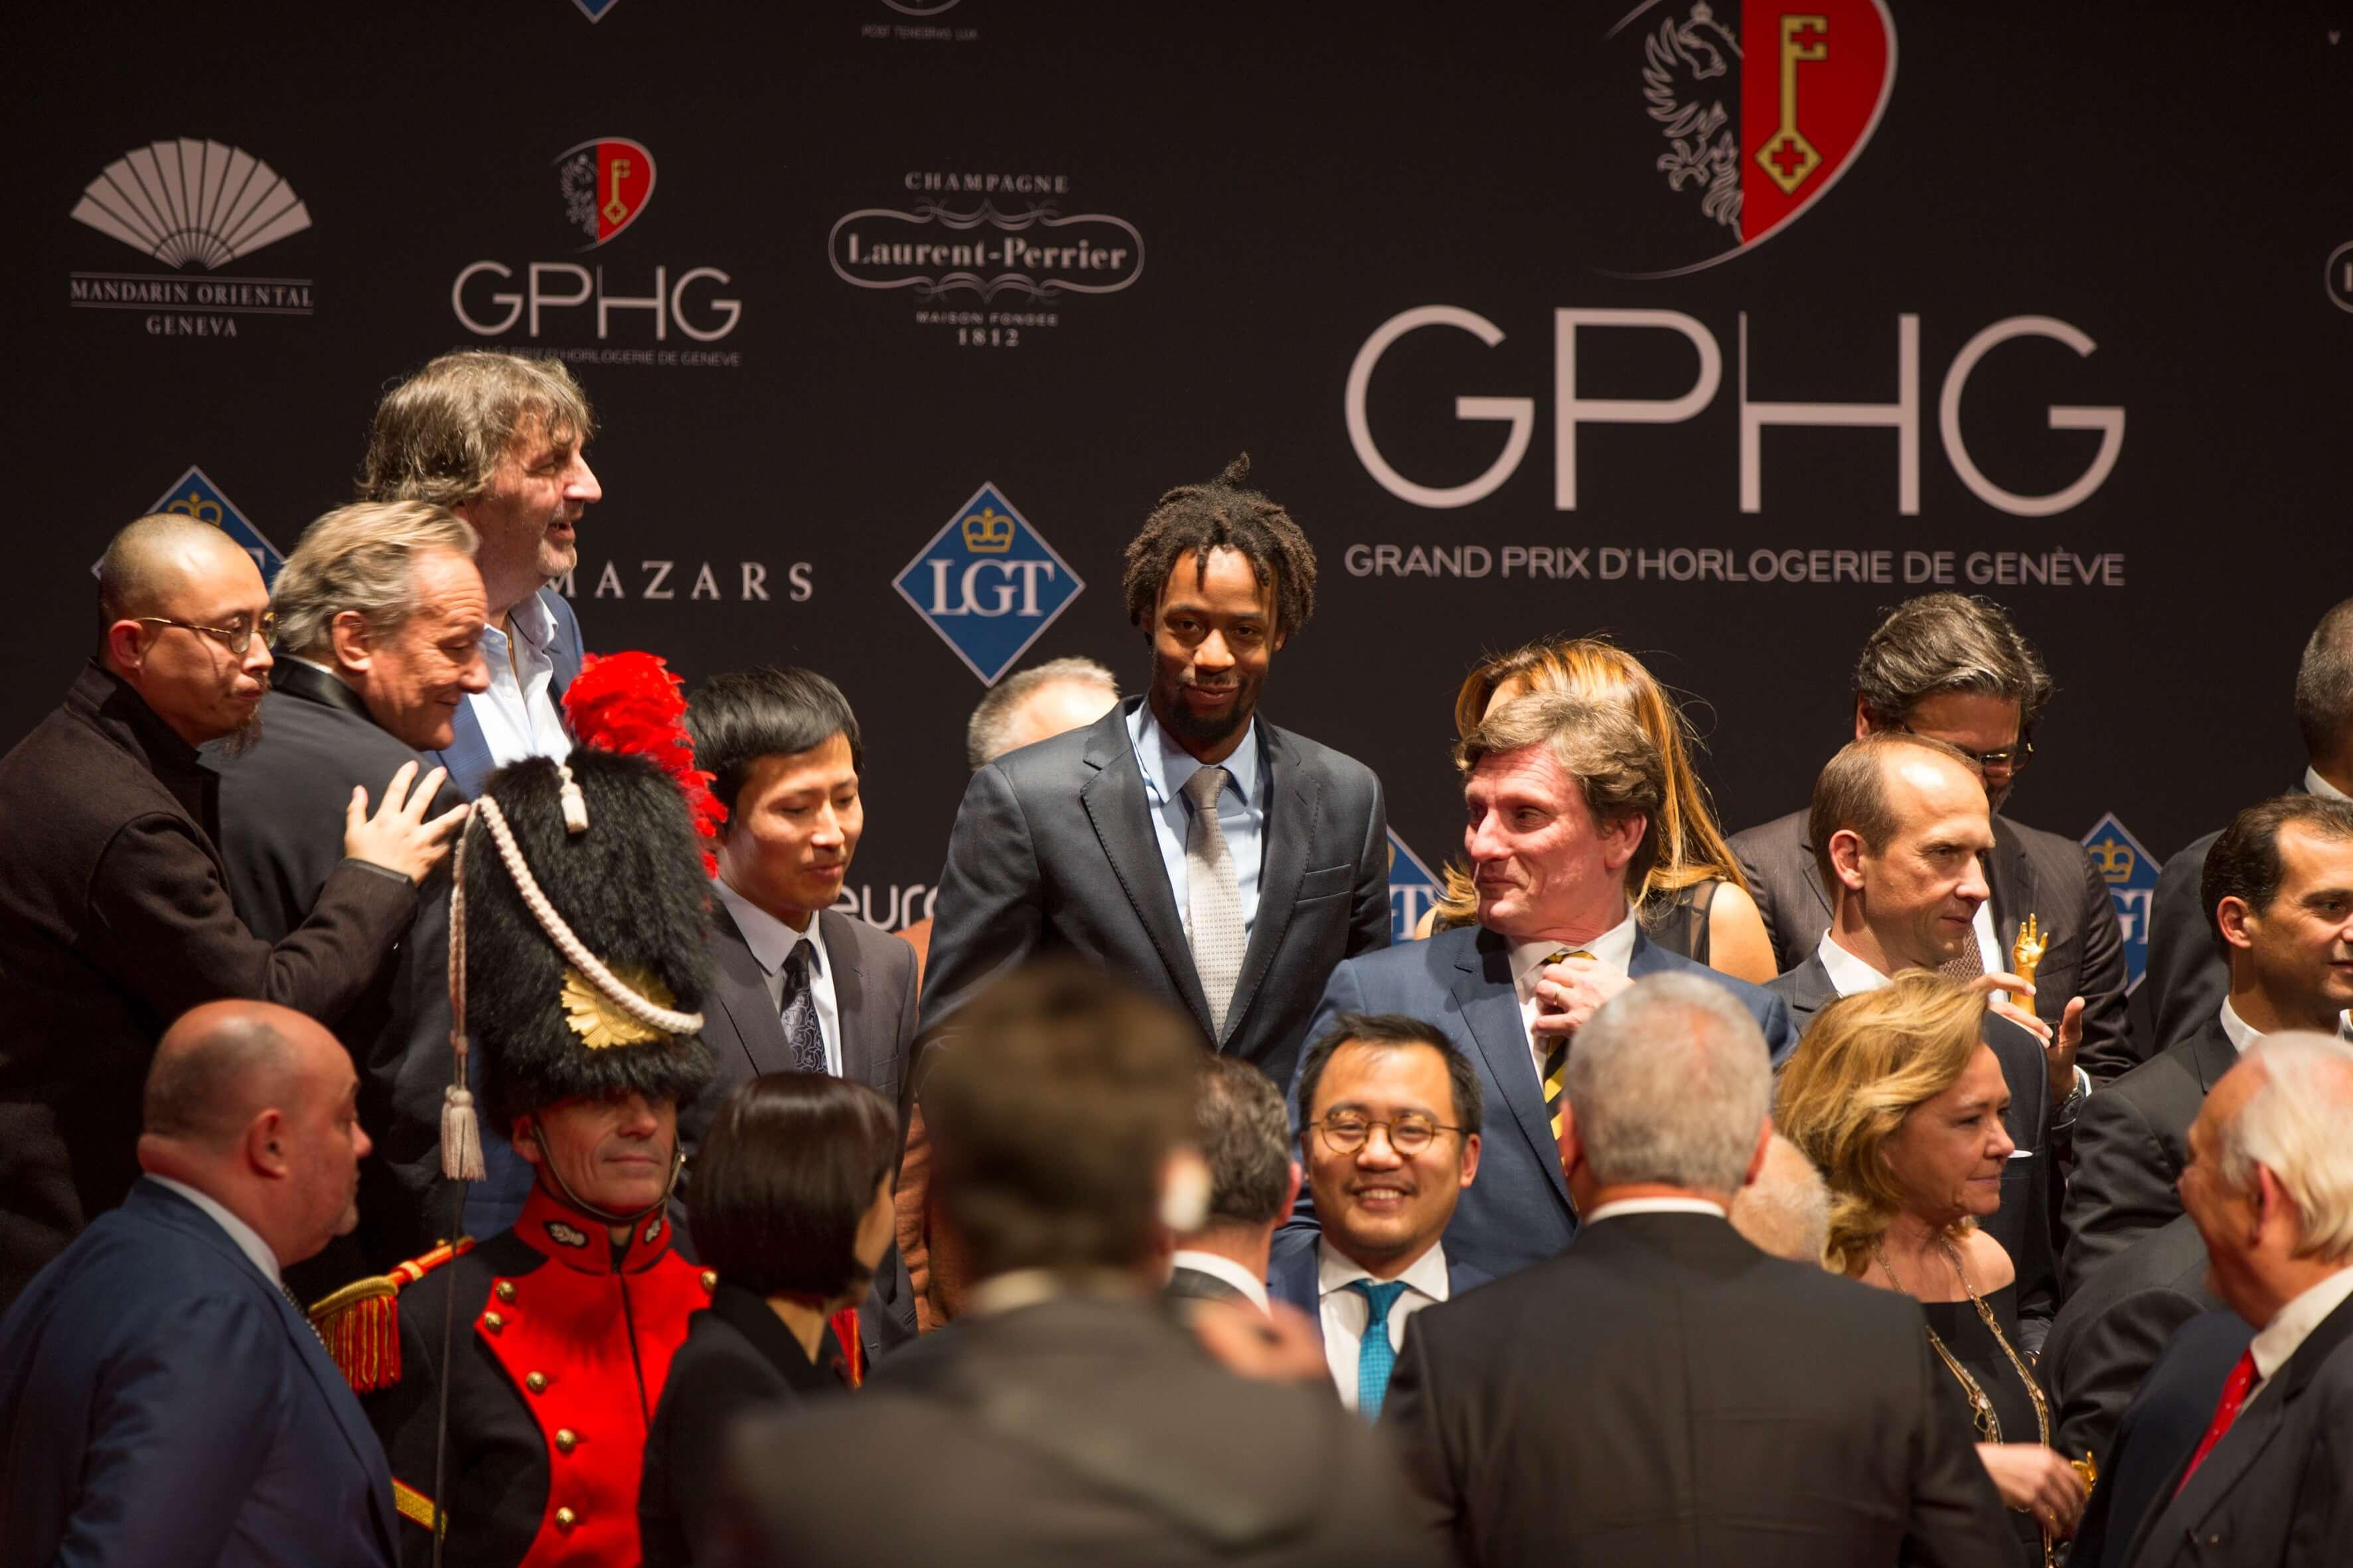 O tenista francês Gael Monfils entre membros do júri e representantes das marcas vencedoras © GPHG